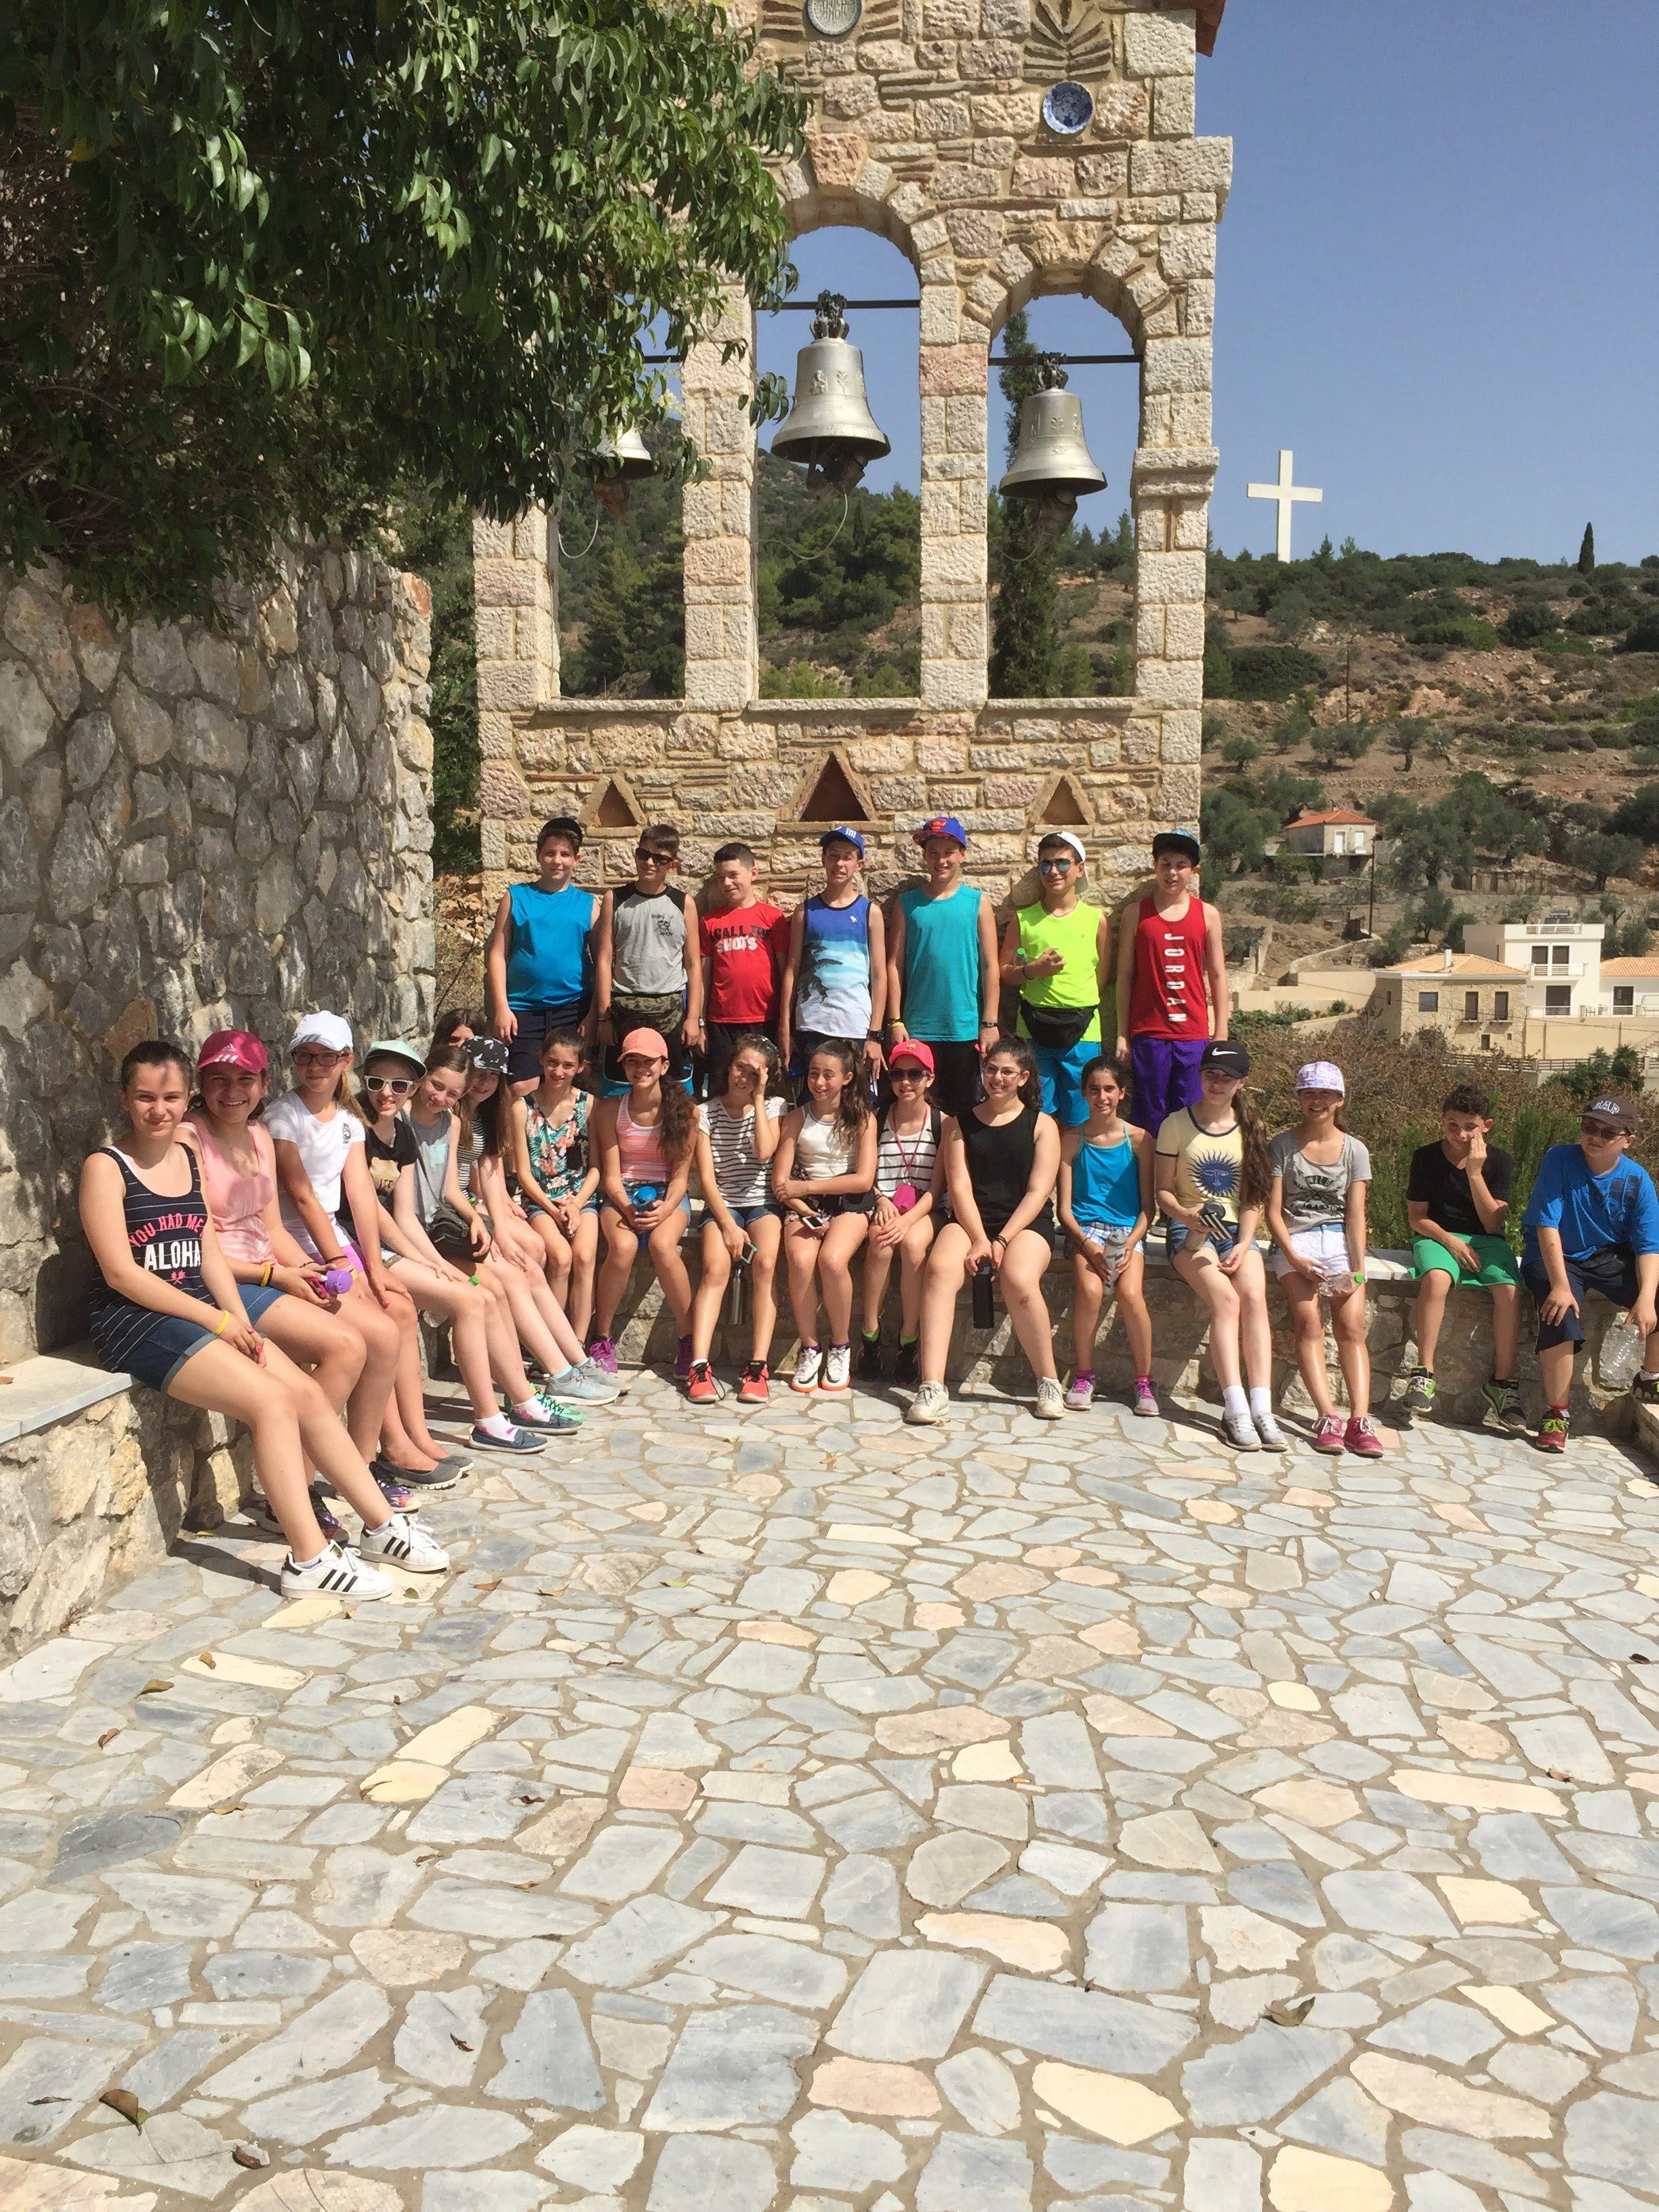 Voyage en Grèce 2018 pour les finissants. C'est un départ!